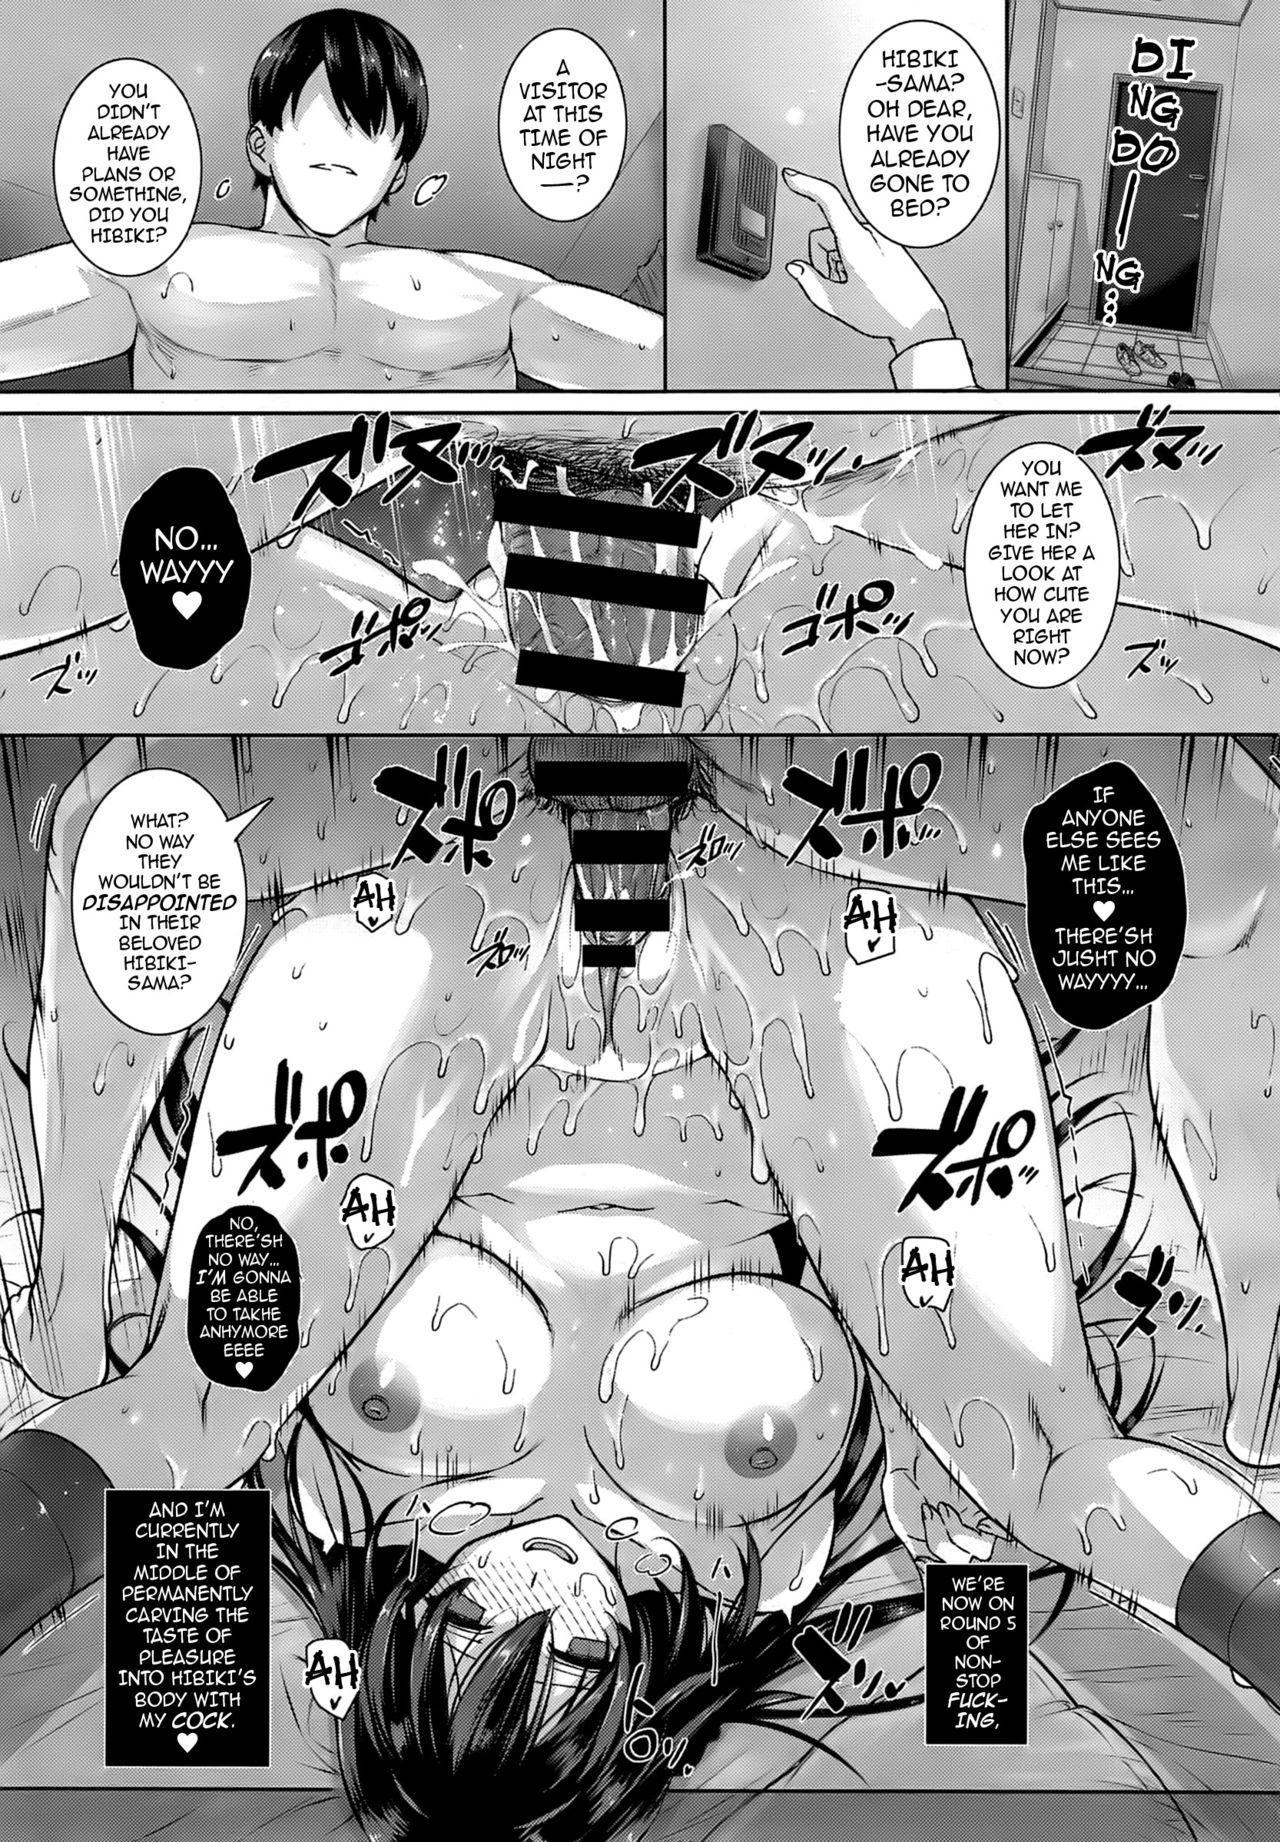 [Katsurai Yoshiaki] Amatsuka Gakuen no Ryoukan Seikatsu | Angel Academy's Hardcore Dorm Sex Life 1-2, 3.5-5 [English] {darknight} [Digital] 25